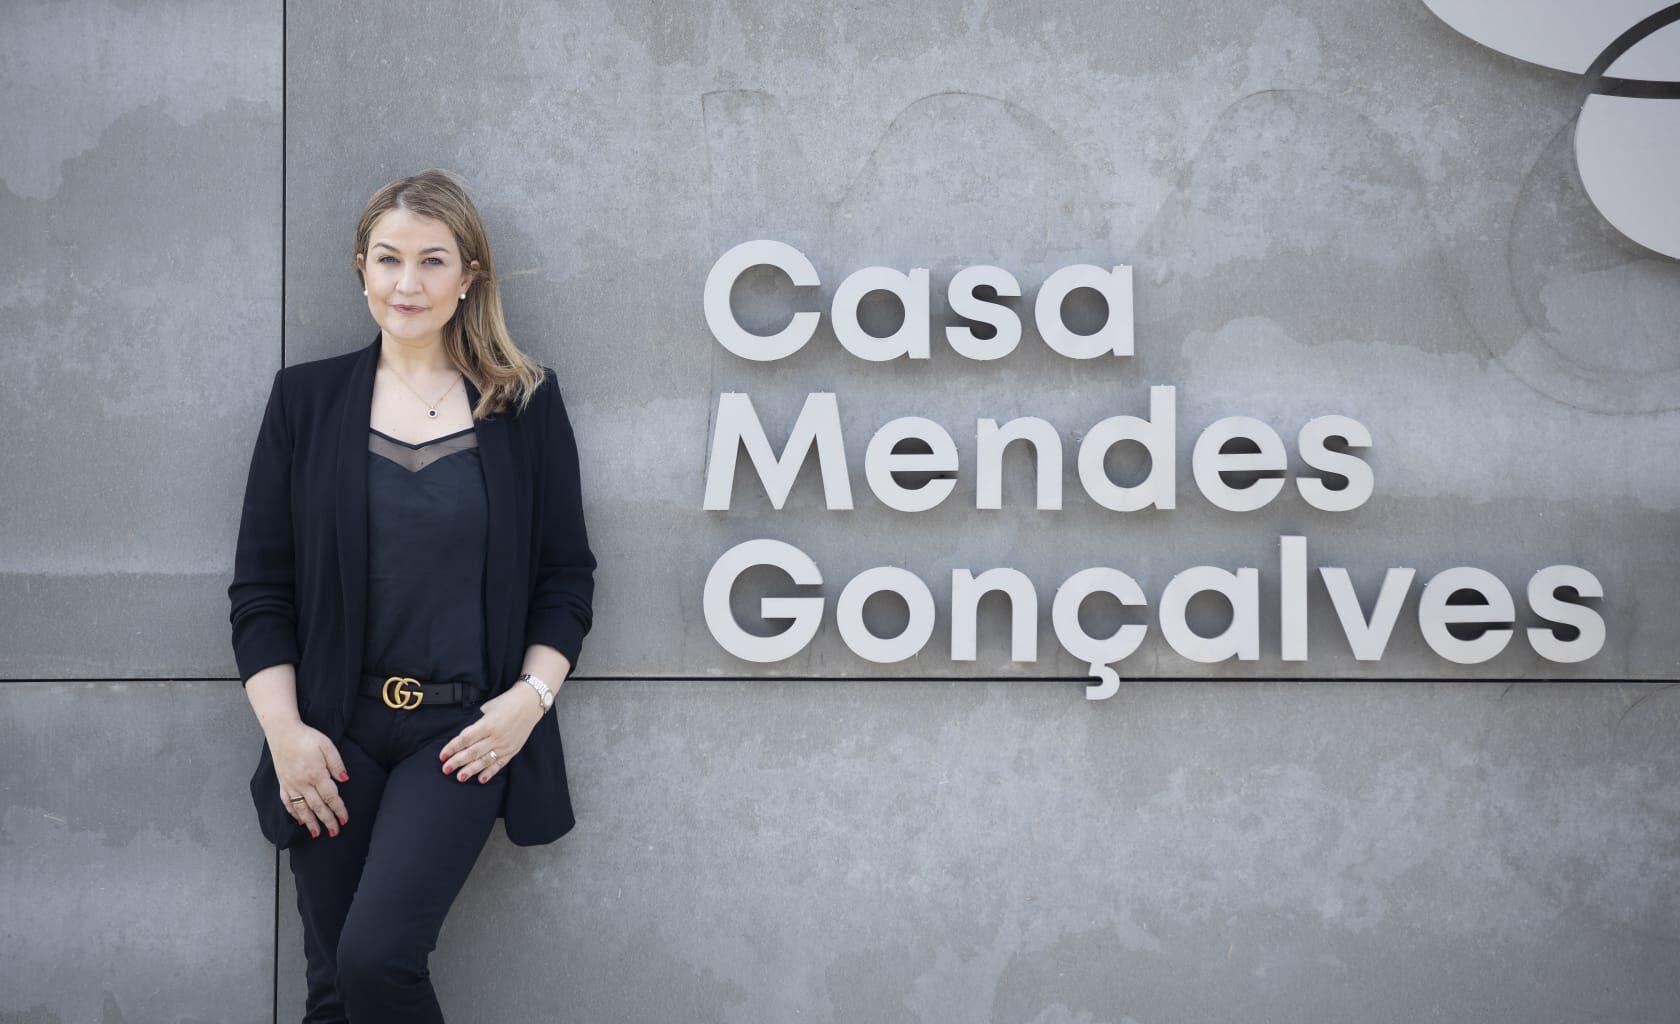 Mendes Gonçalves: 40 anos a inovar o paladar dos portugueses